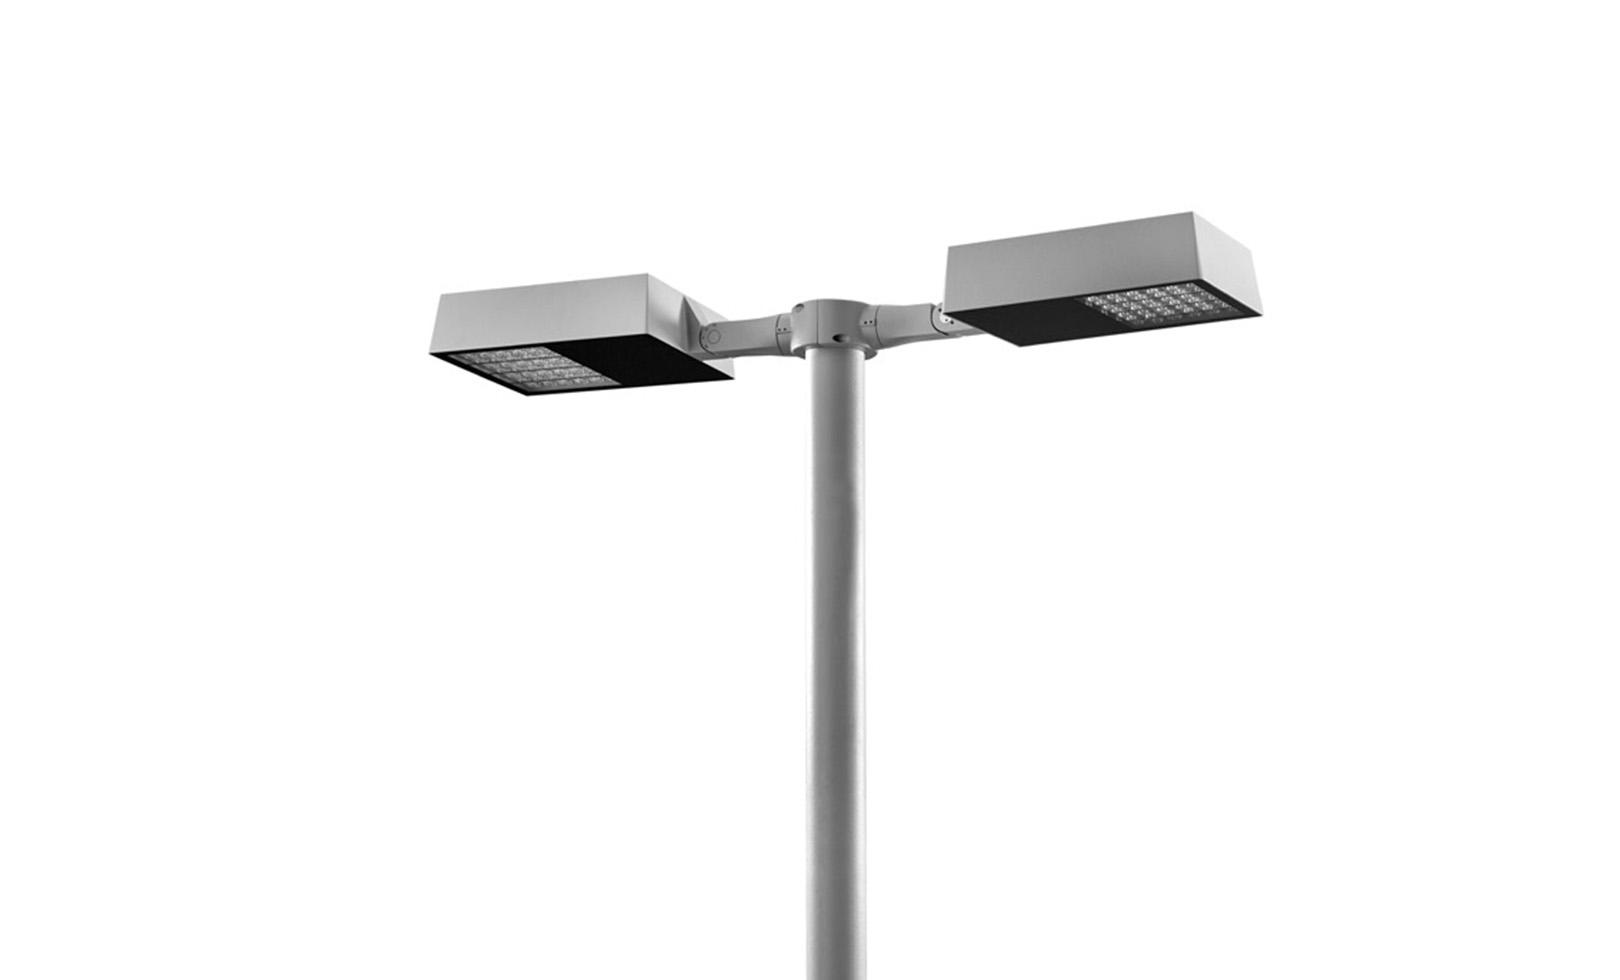 806003-806004 DOUBLE ZEUS POLE LED 2